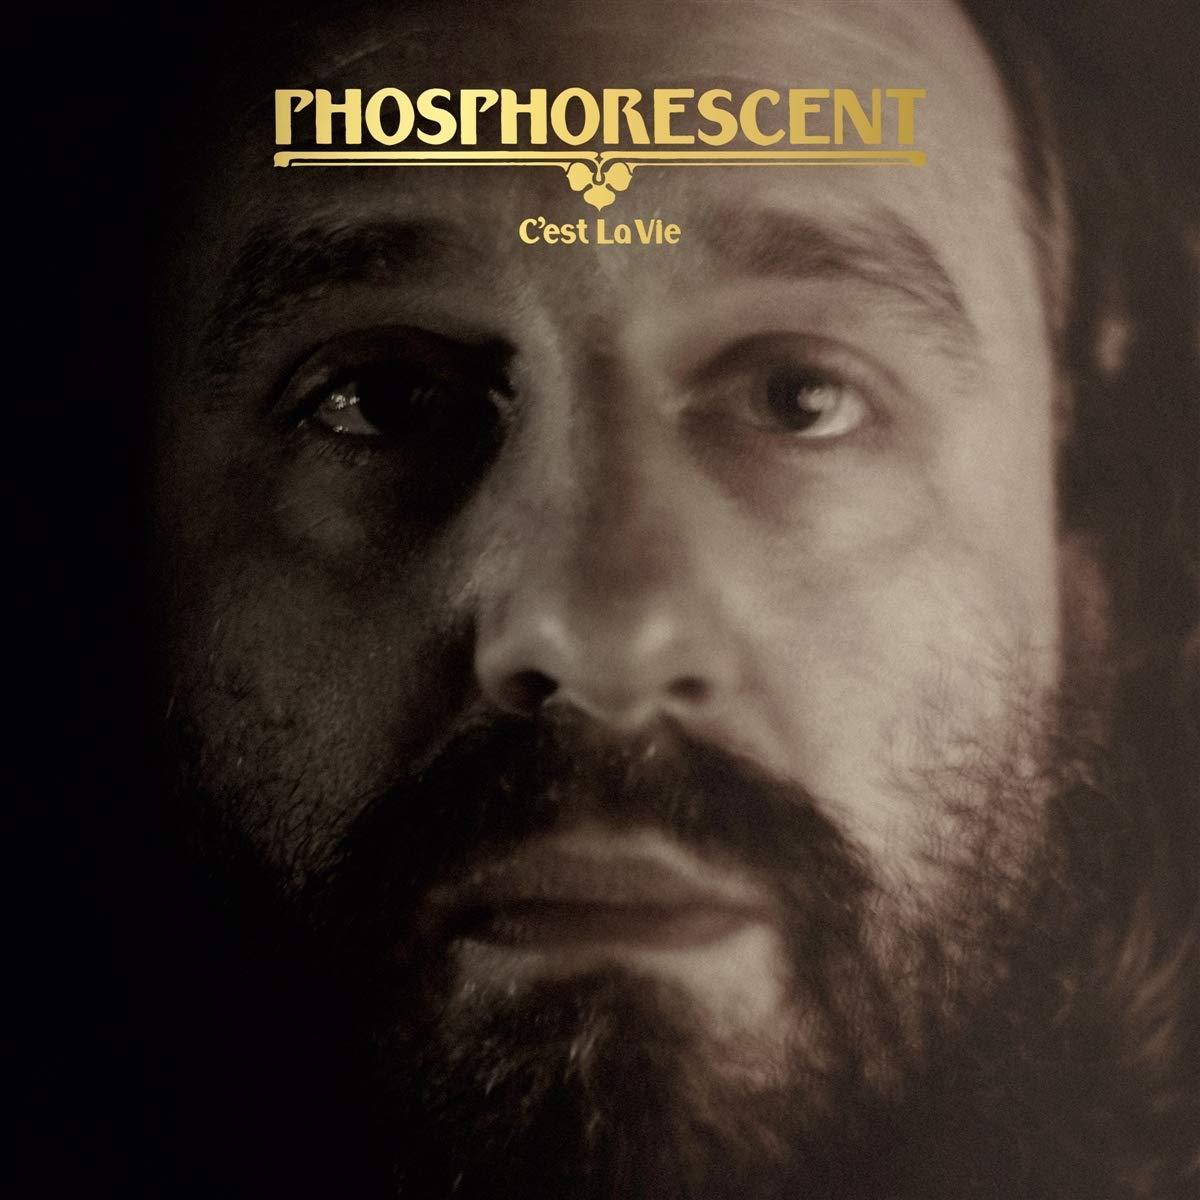 Cassette : Phosphorescent - C'est La Vie (Cassette)